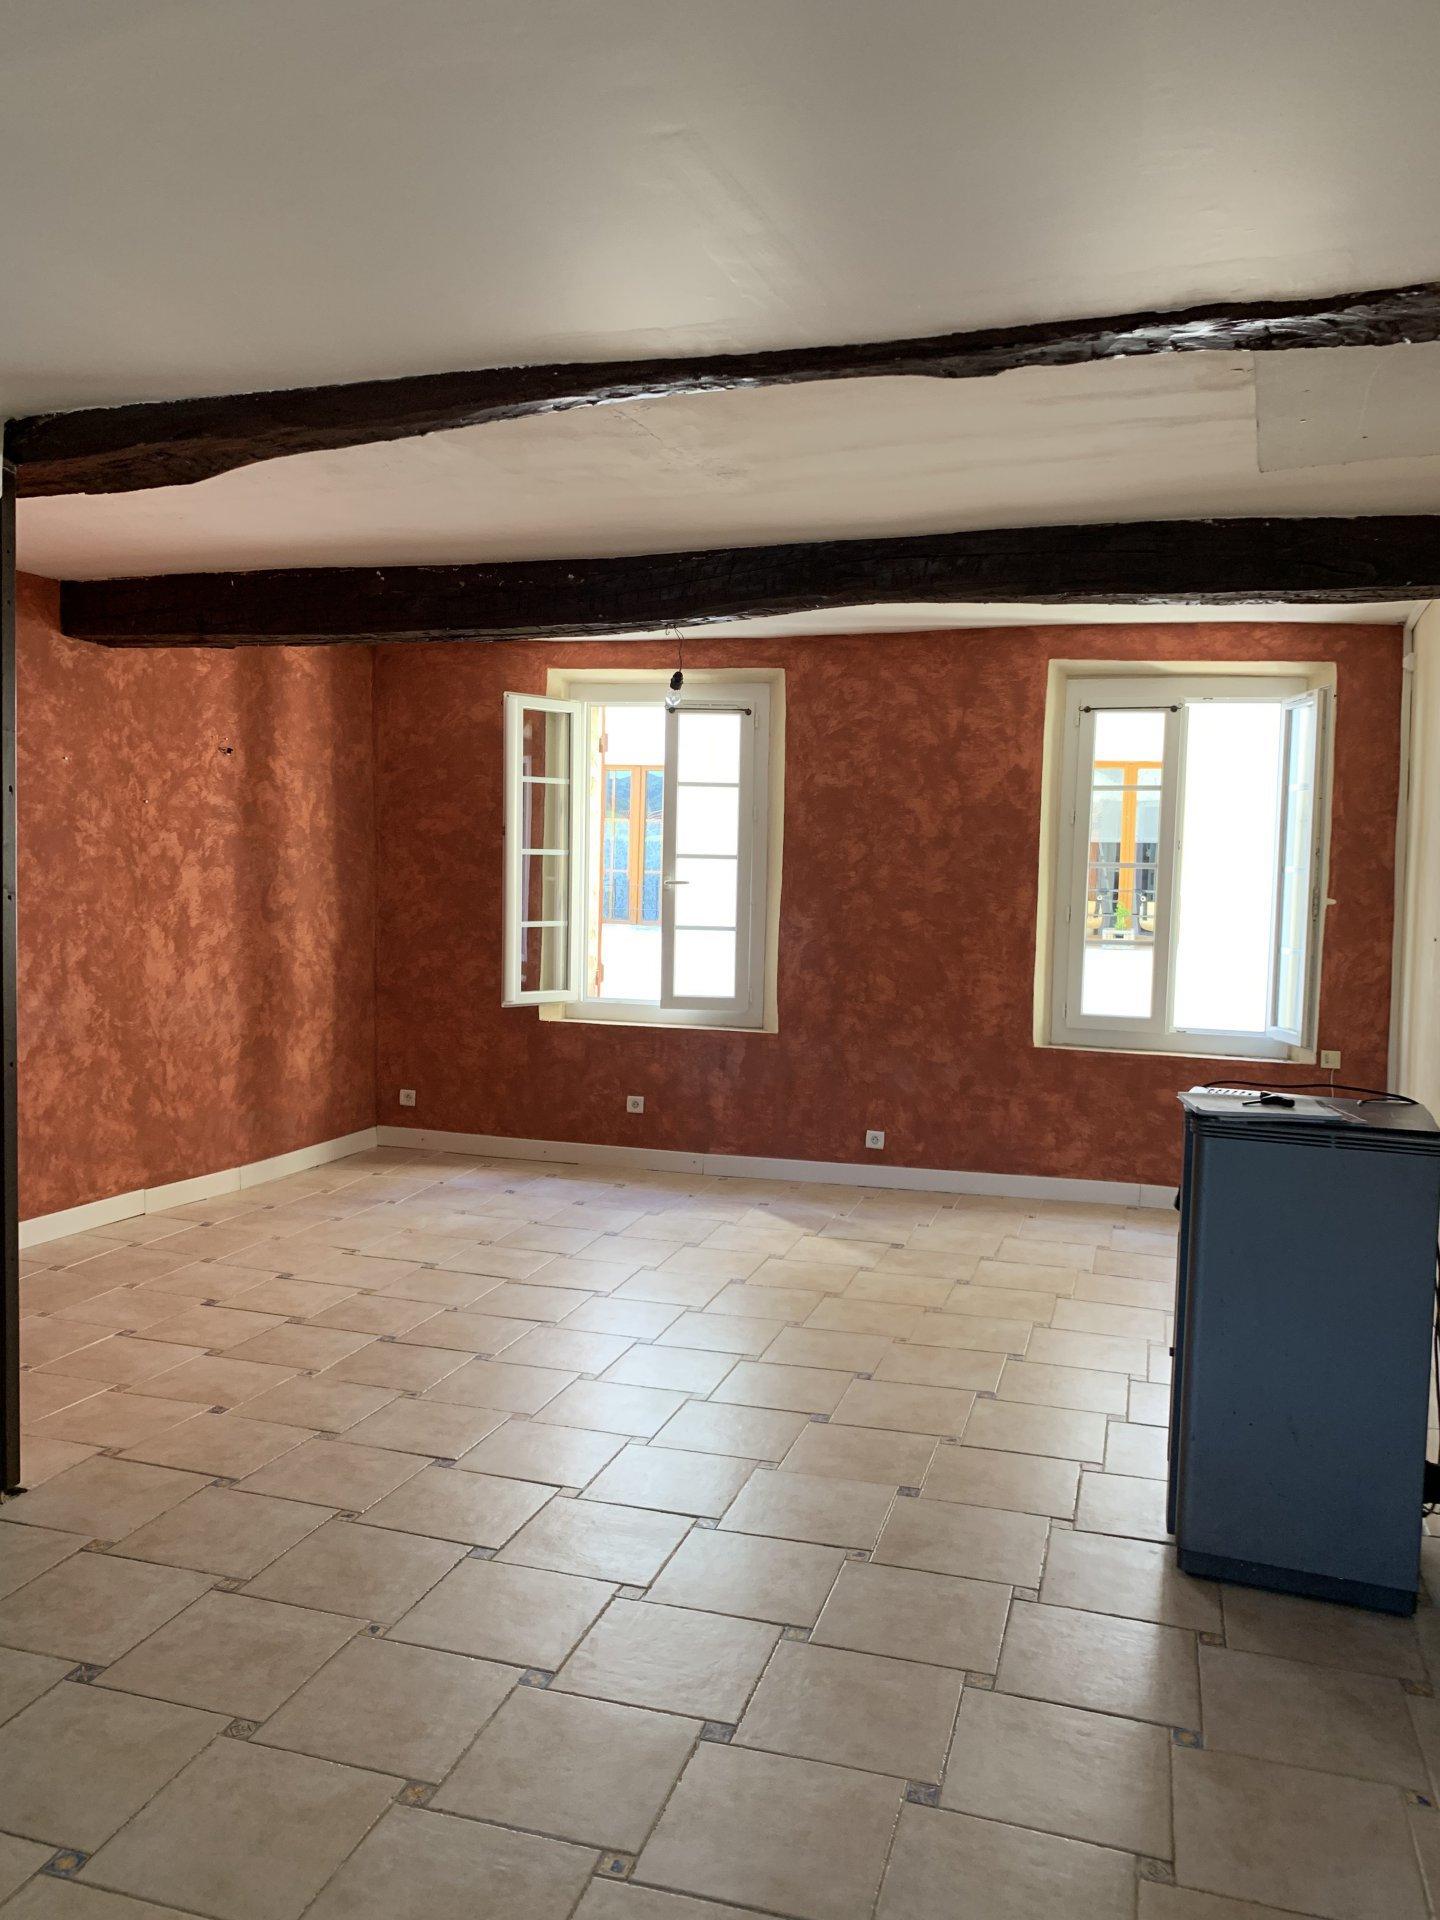 Maison de village 3 chambres(avec potentiel de 5 chambres et patio)